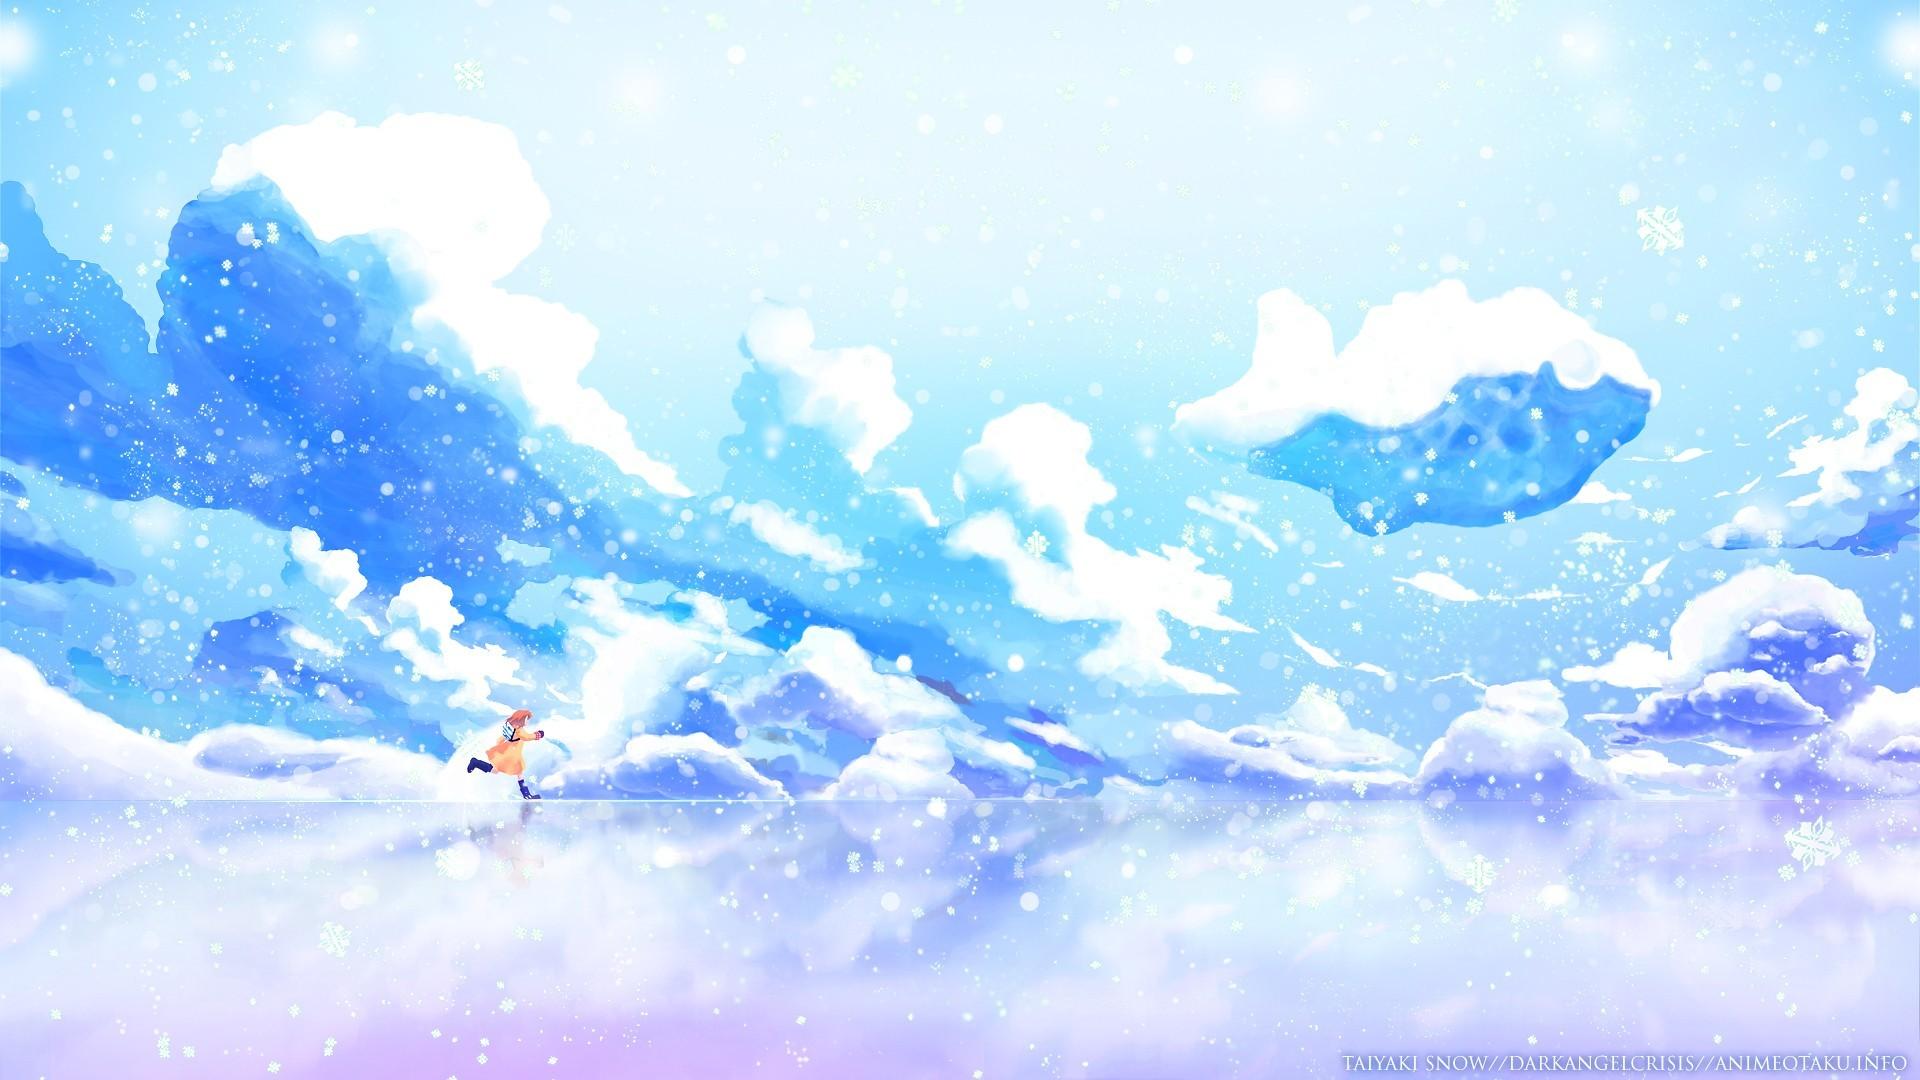 Winter Anime Girl Wallpaper: Winter Anime Wallpaper ·① WallpaperTag